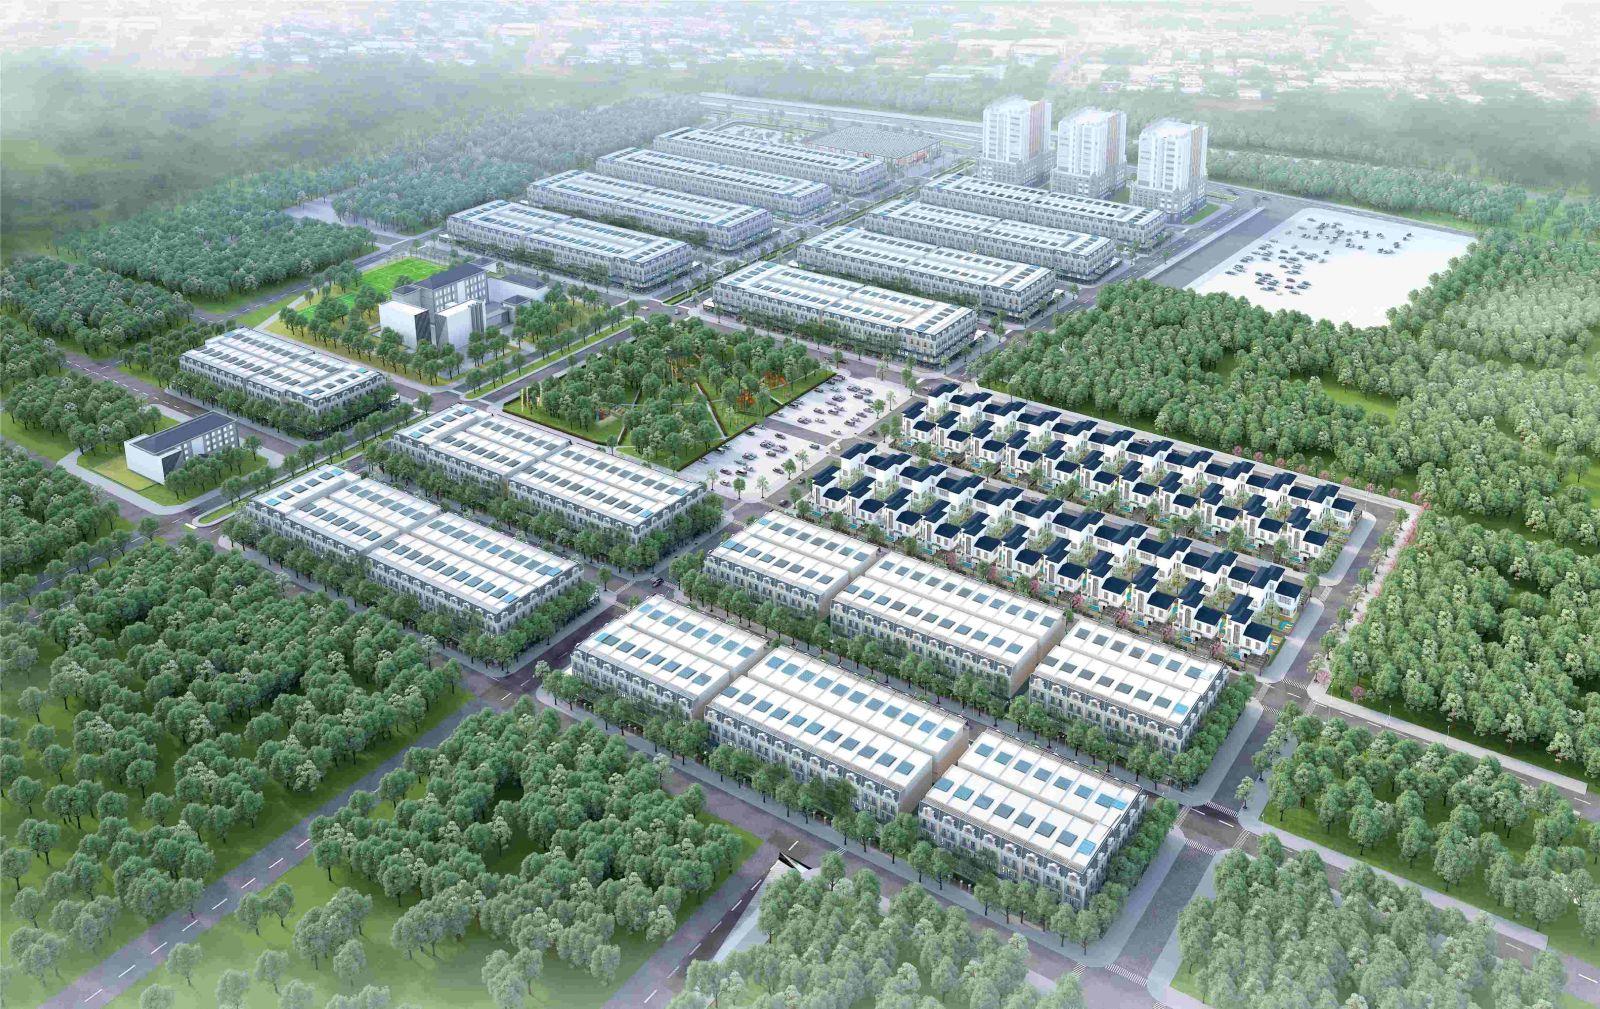 phối cảnh dự án uông bí new city